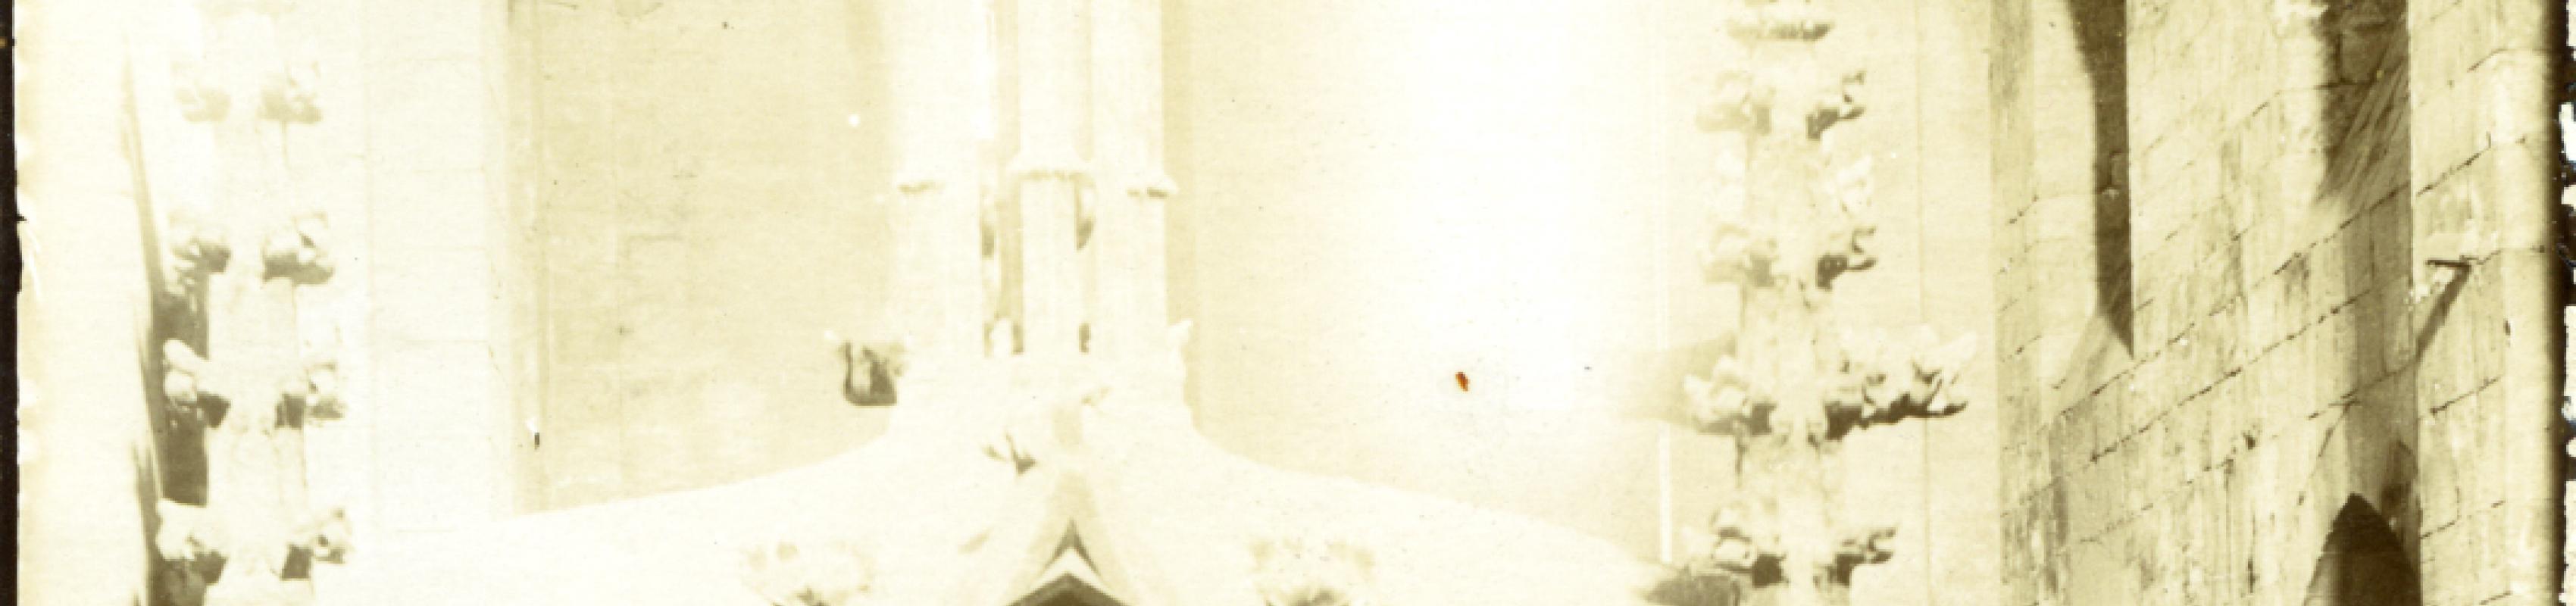 Fotografia dels fons Rubió i Bellver on podem veure la llarga escala que li va deixar el rector per poder accedir al monument. COAC. Fons Rubió i Bellver (C/1849/3.5.12).